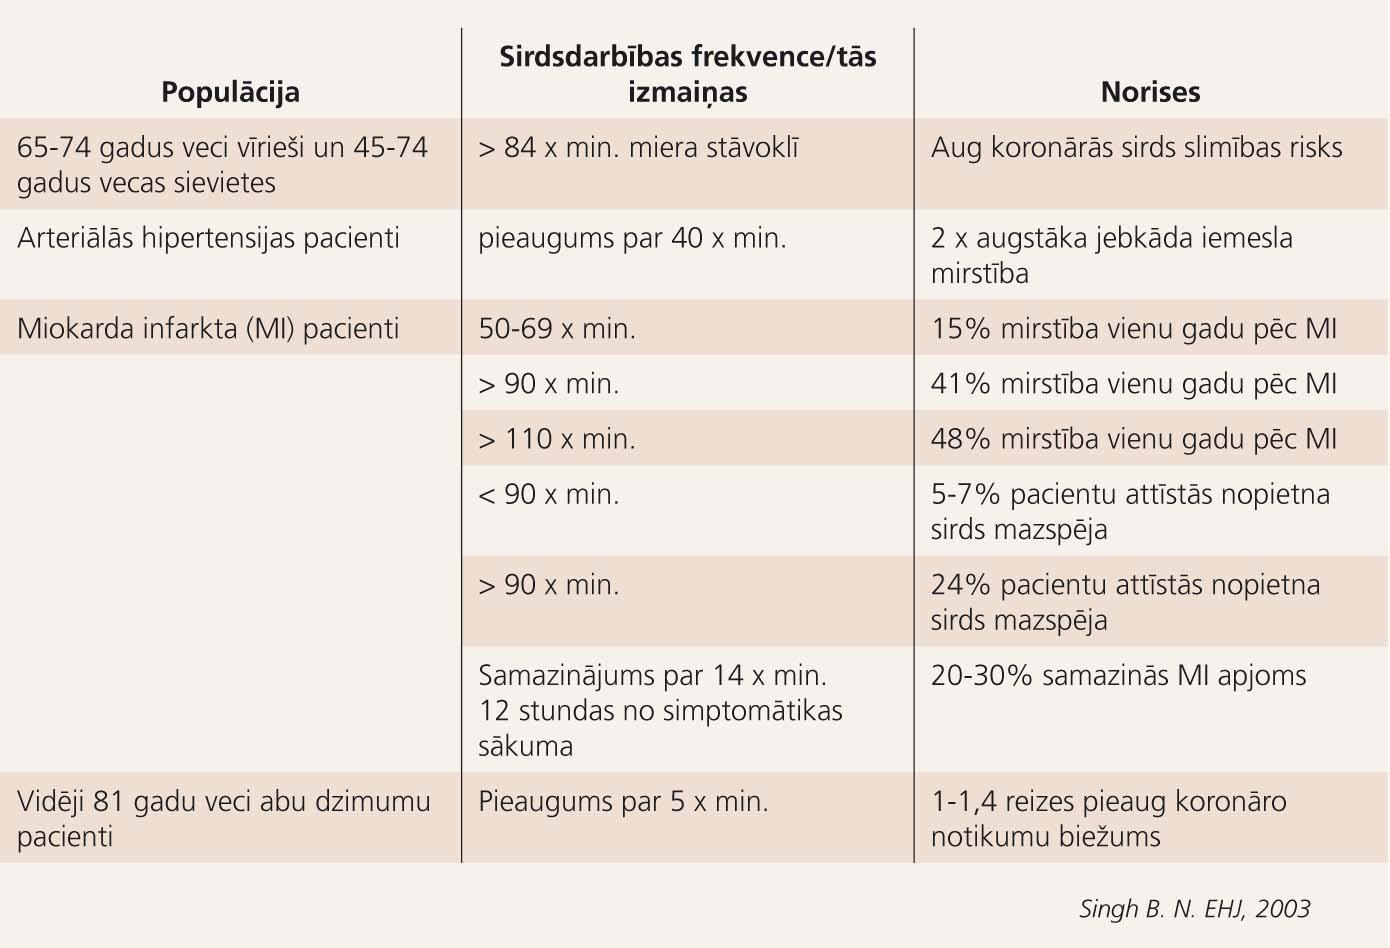 Sirdsdarbības frekvences ietekme uz kardiovaskulāro mirstību